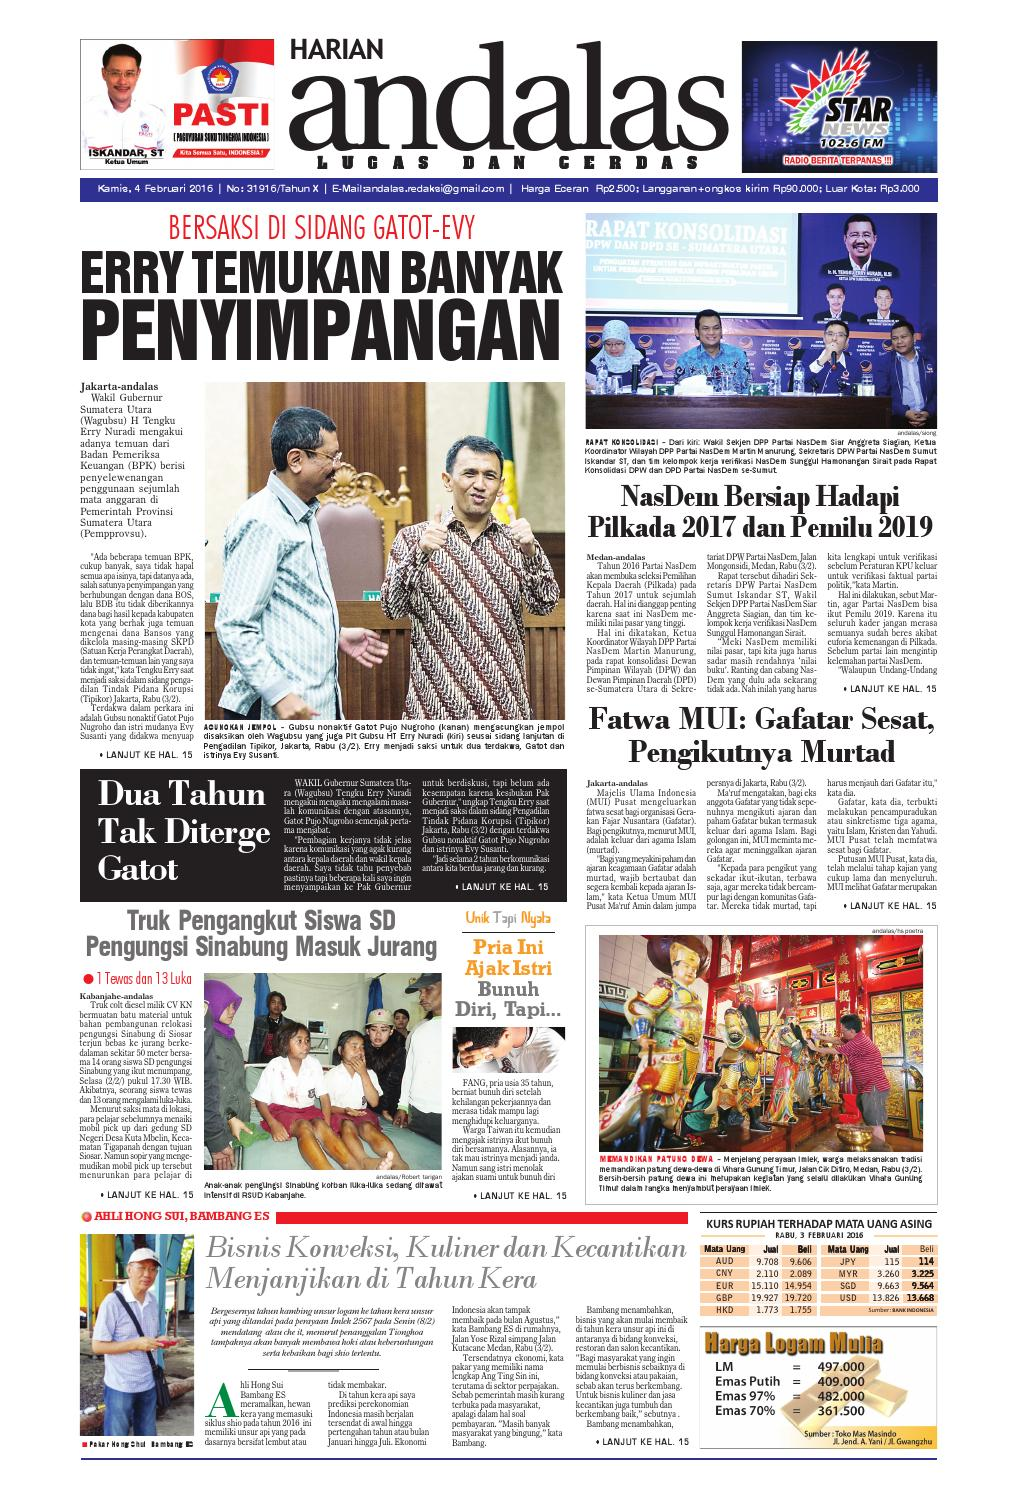 Epaper andalas edisi kamis 4 fabruari 2016 by media andalas - issuu db15f20c54